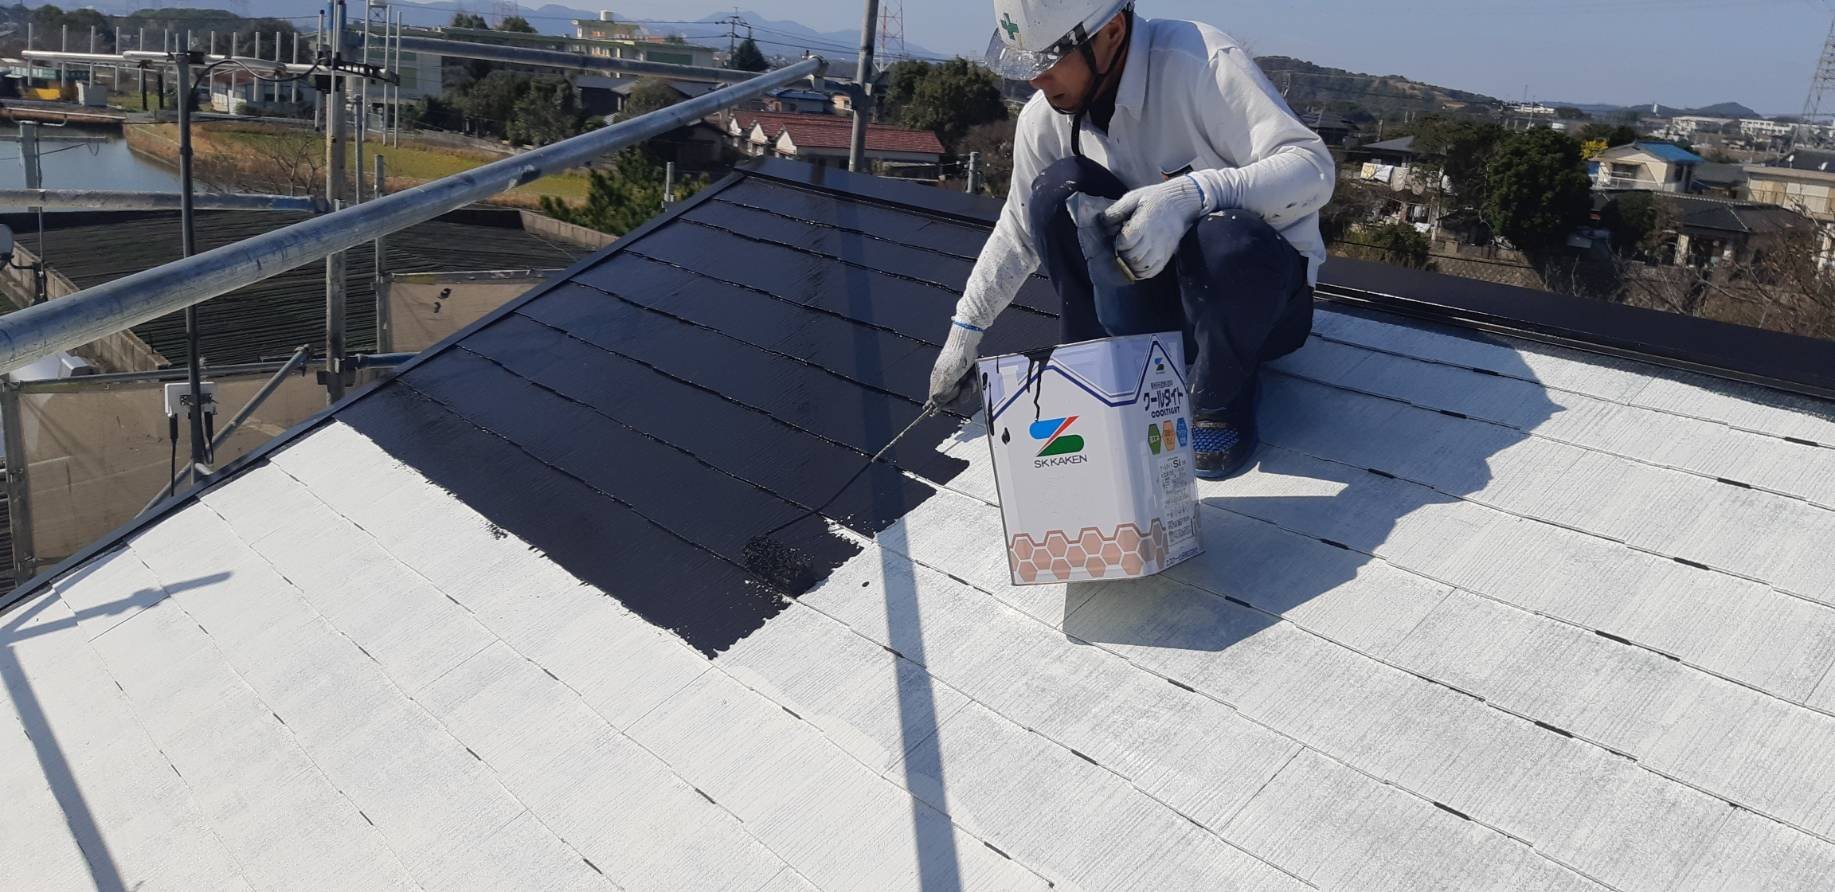 福岡県北九州市八幡西区T様邸施工6日目屋根中塗り付帯塗装作業